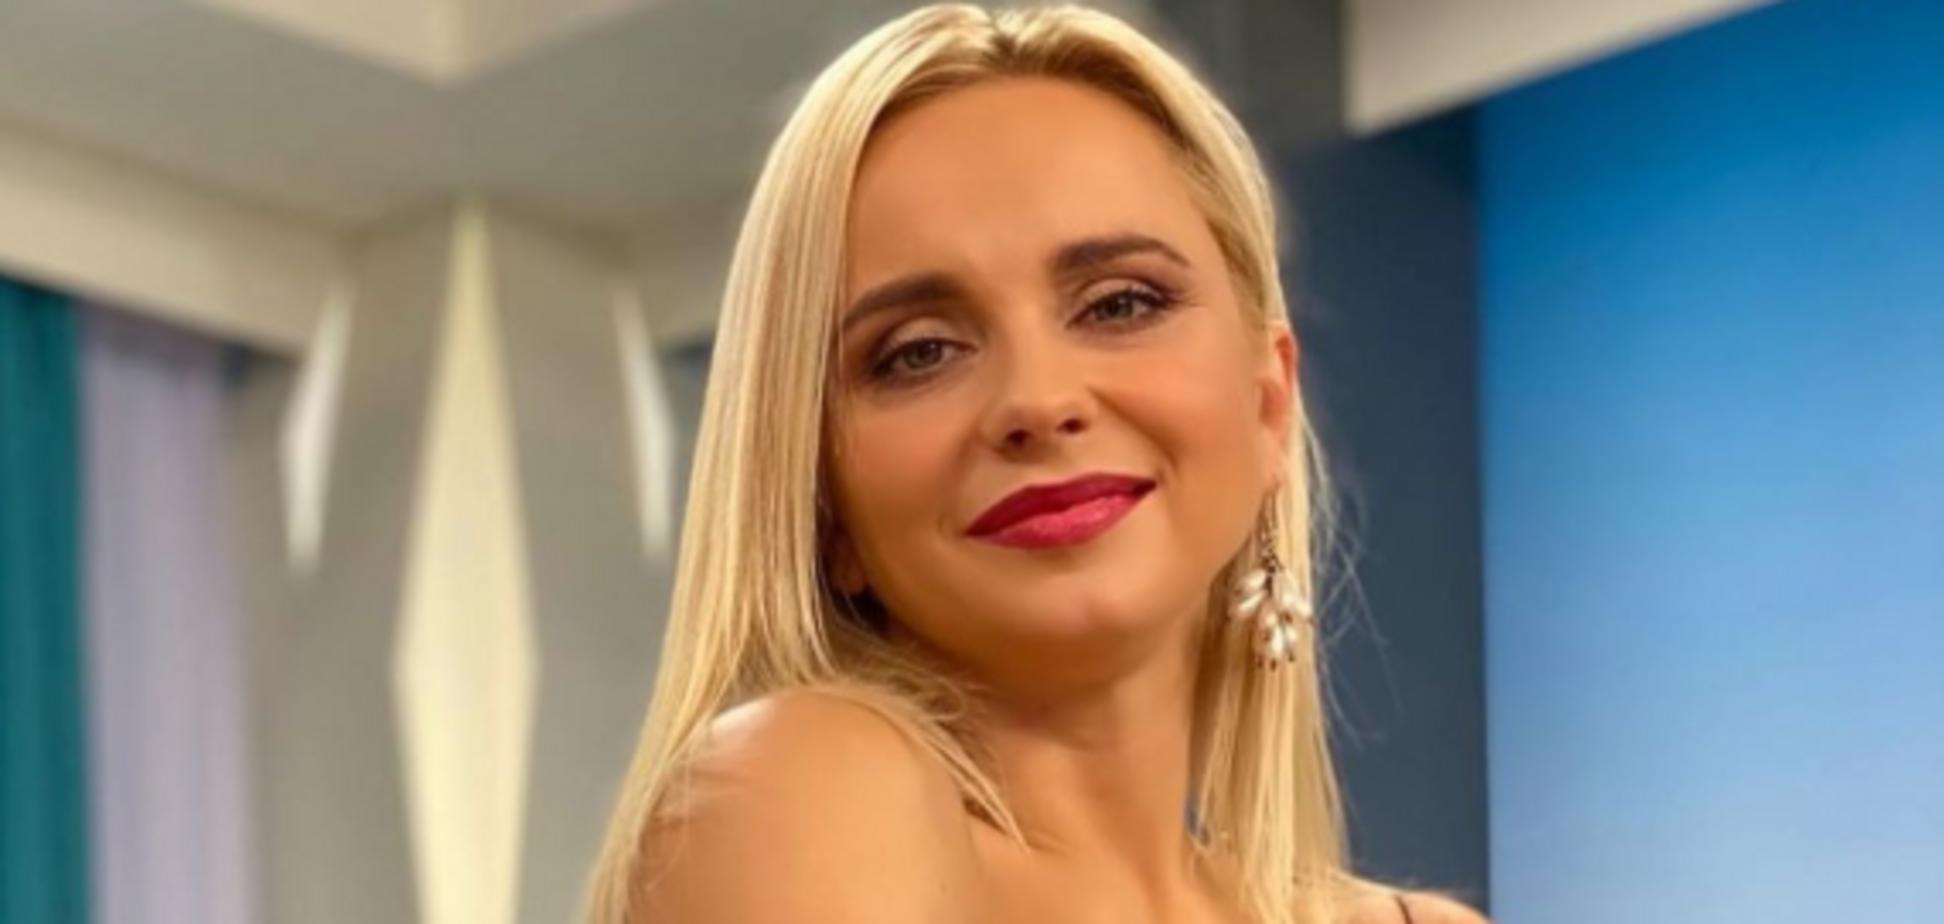 Лилии Ребрик – 39: самые сексуальные фото украинской телезвезды